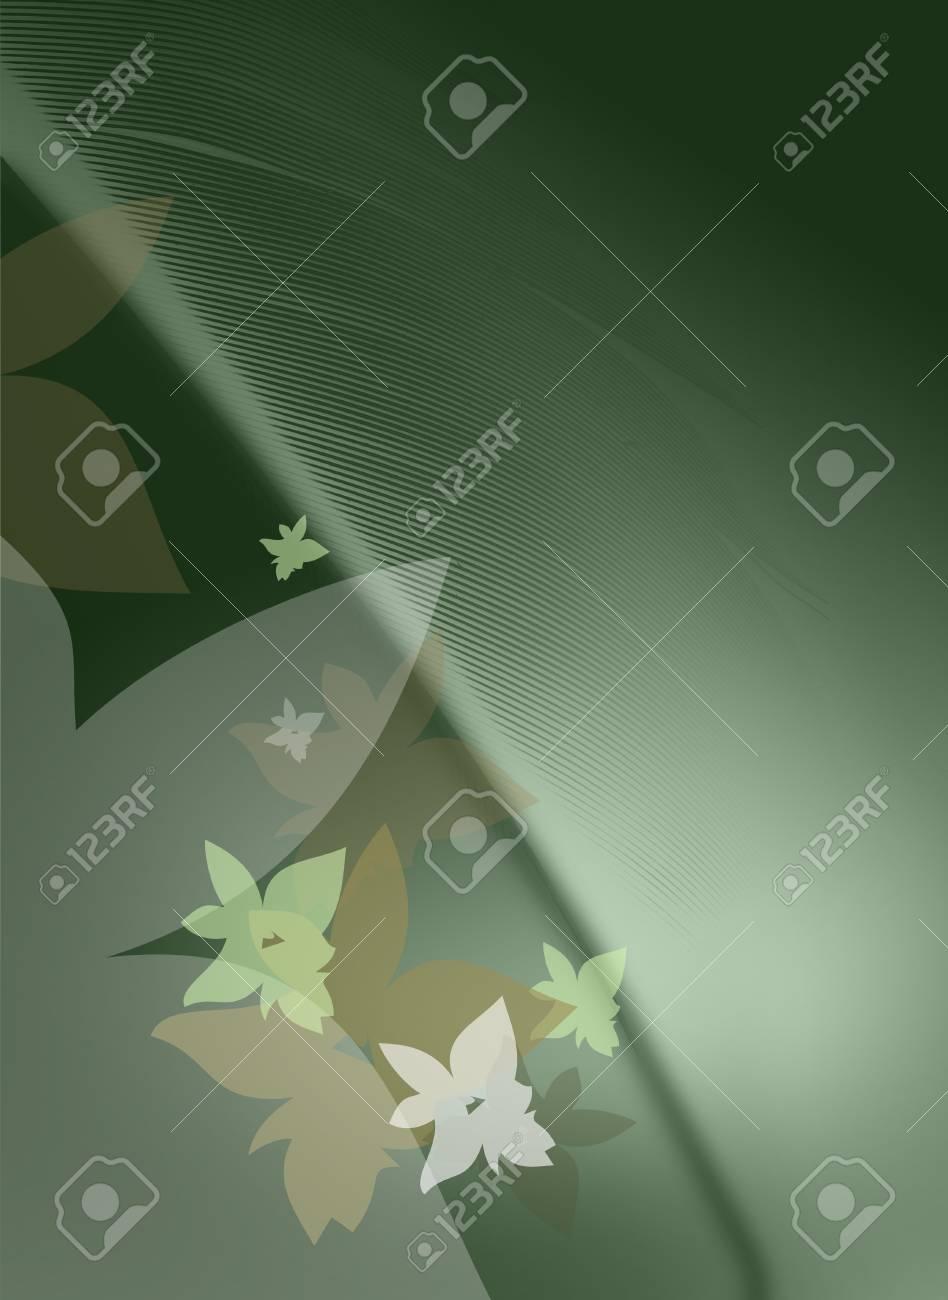 Immagini Stock Sfondo Verde Con Fiori E Piume Image 7200796